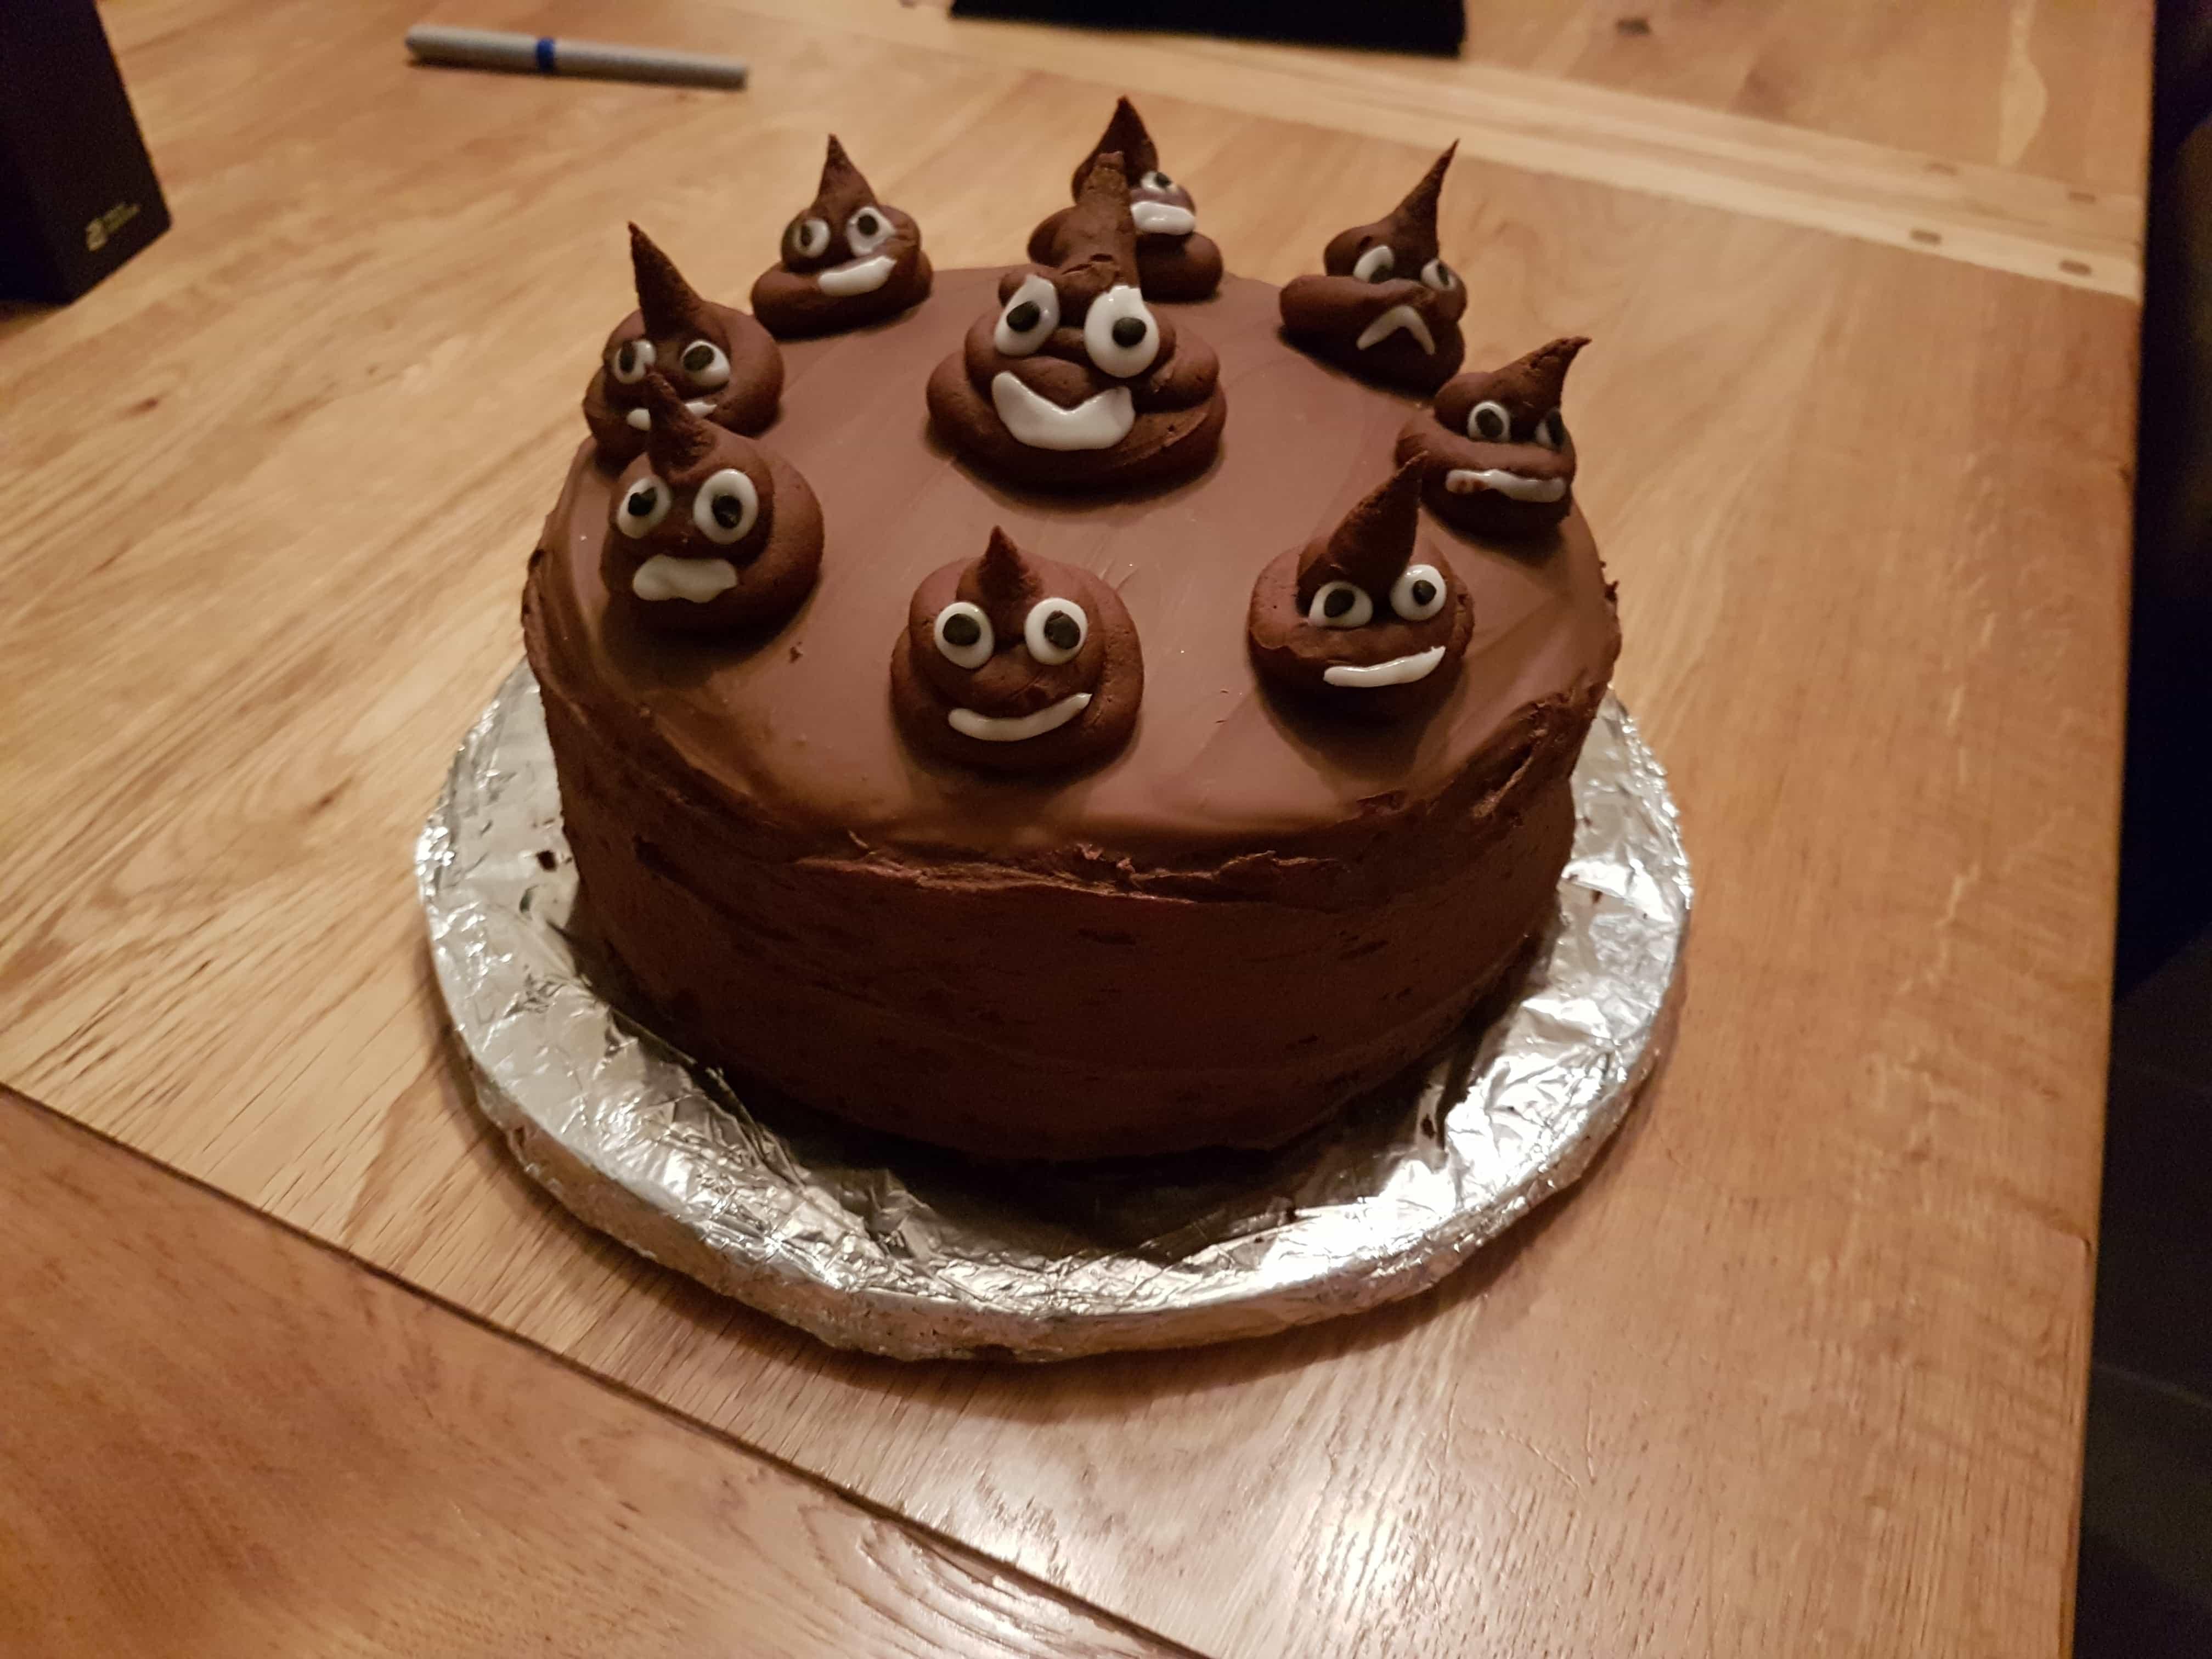 Cake Design Emoji